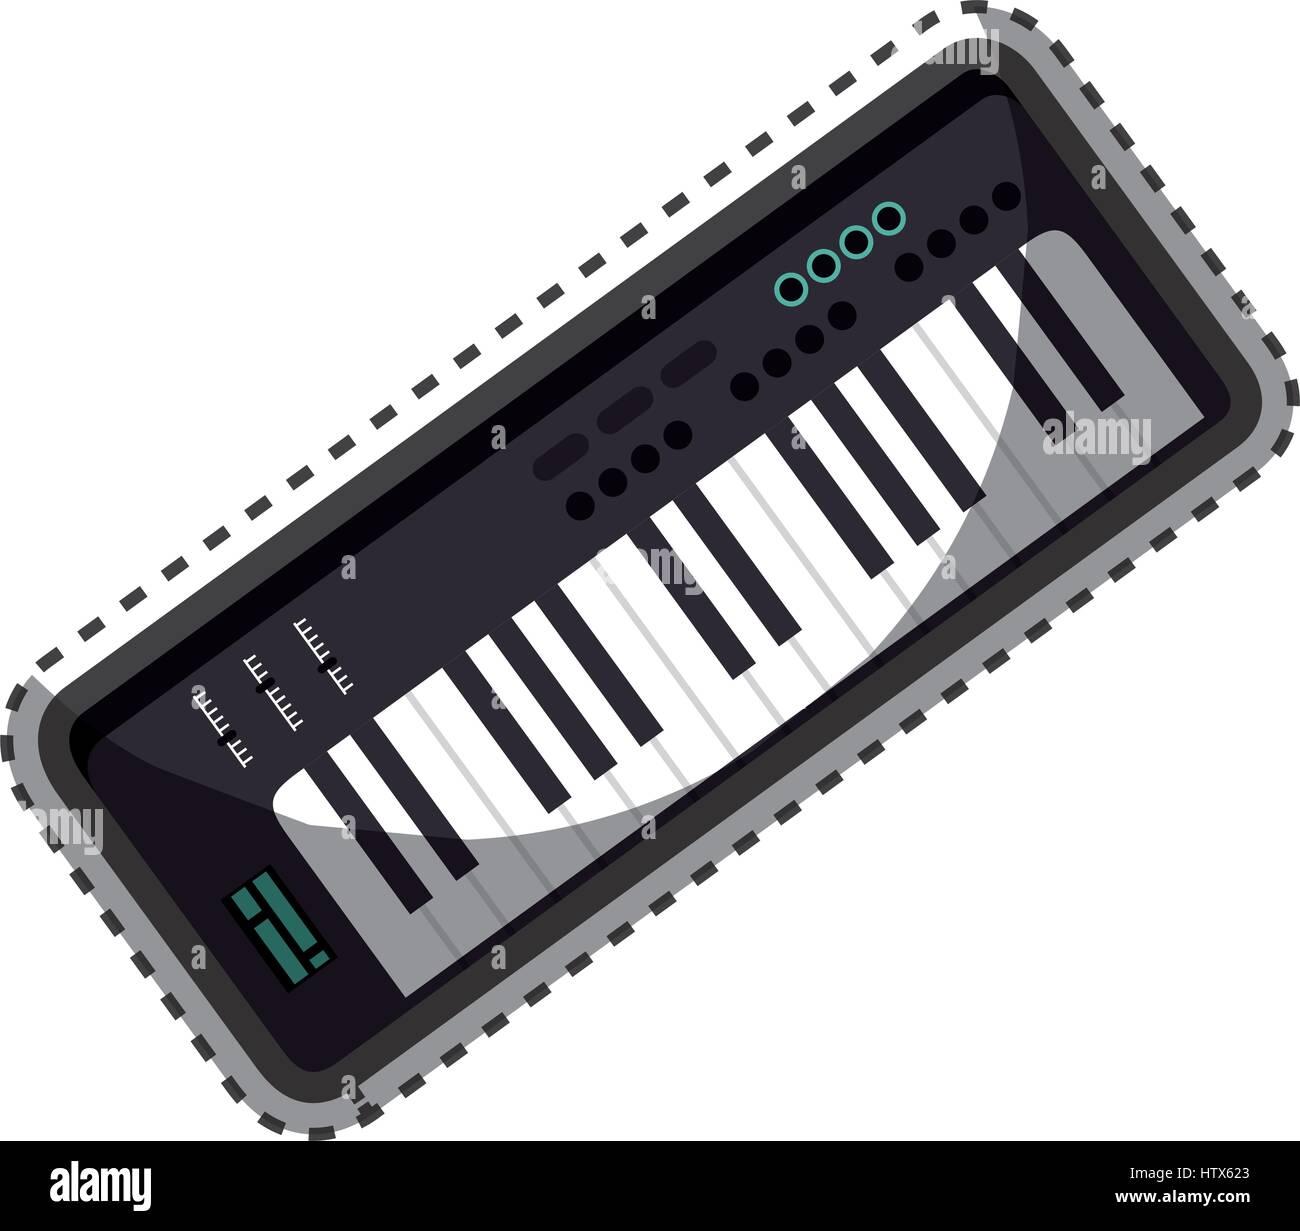 synthesizer audio device icon - Stock Image